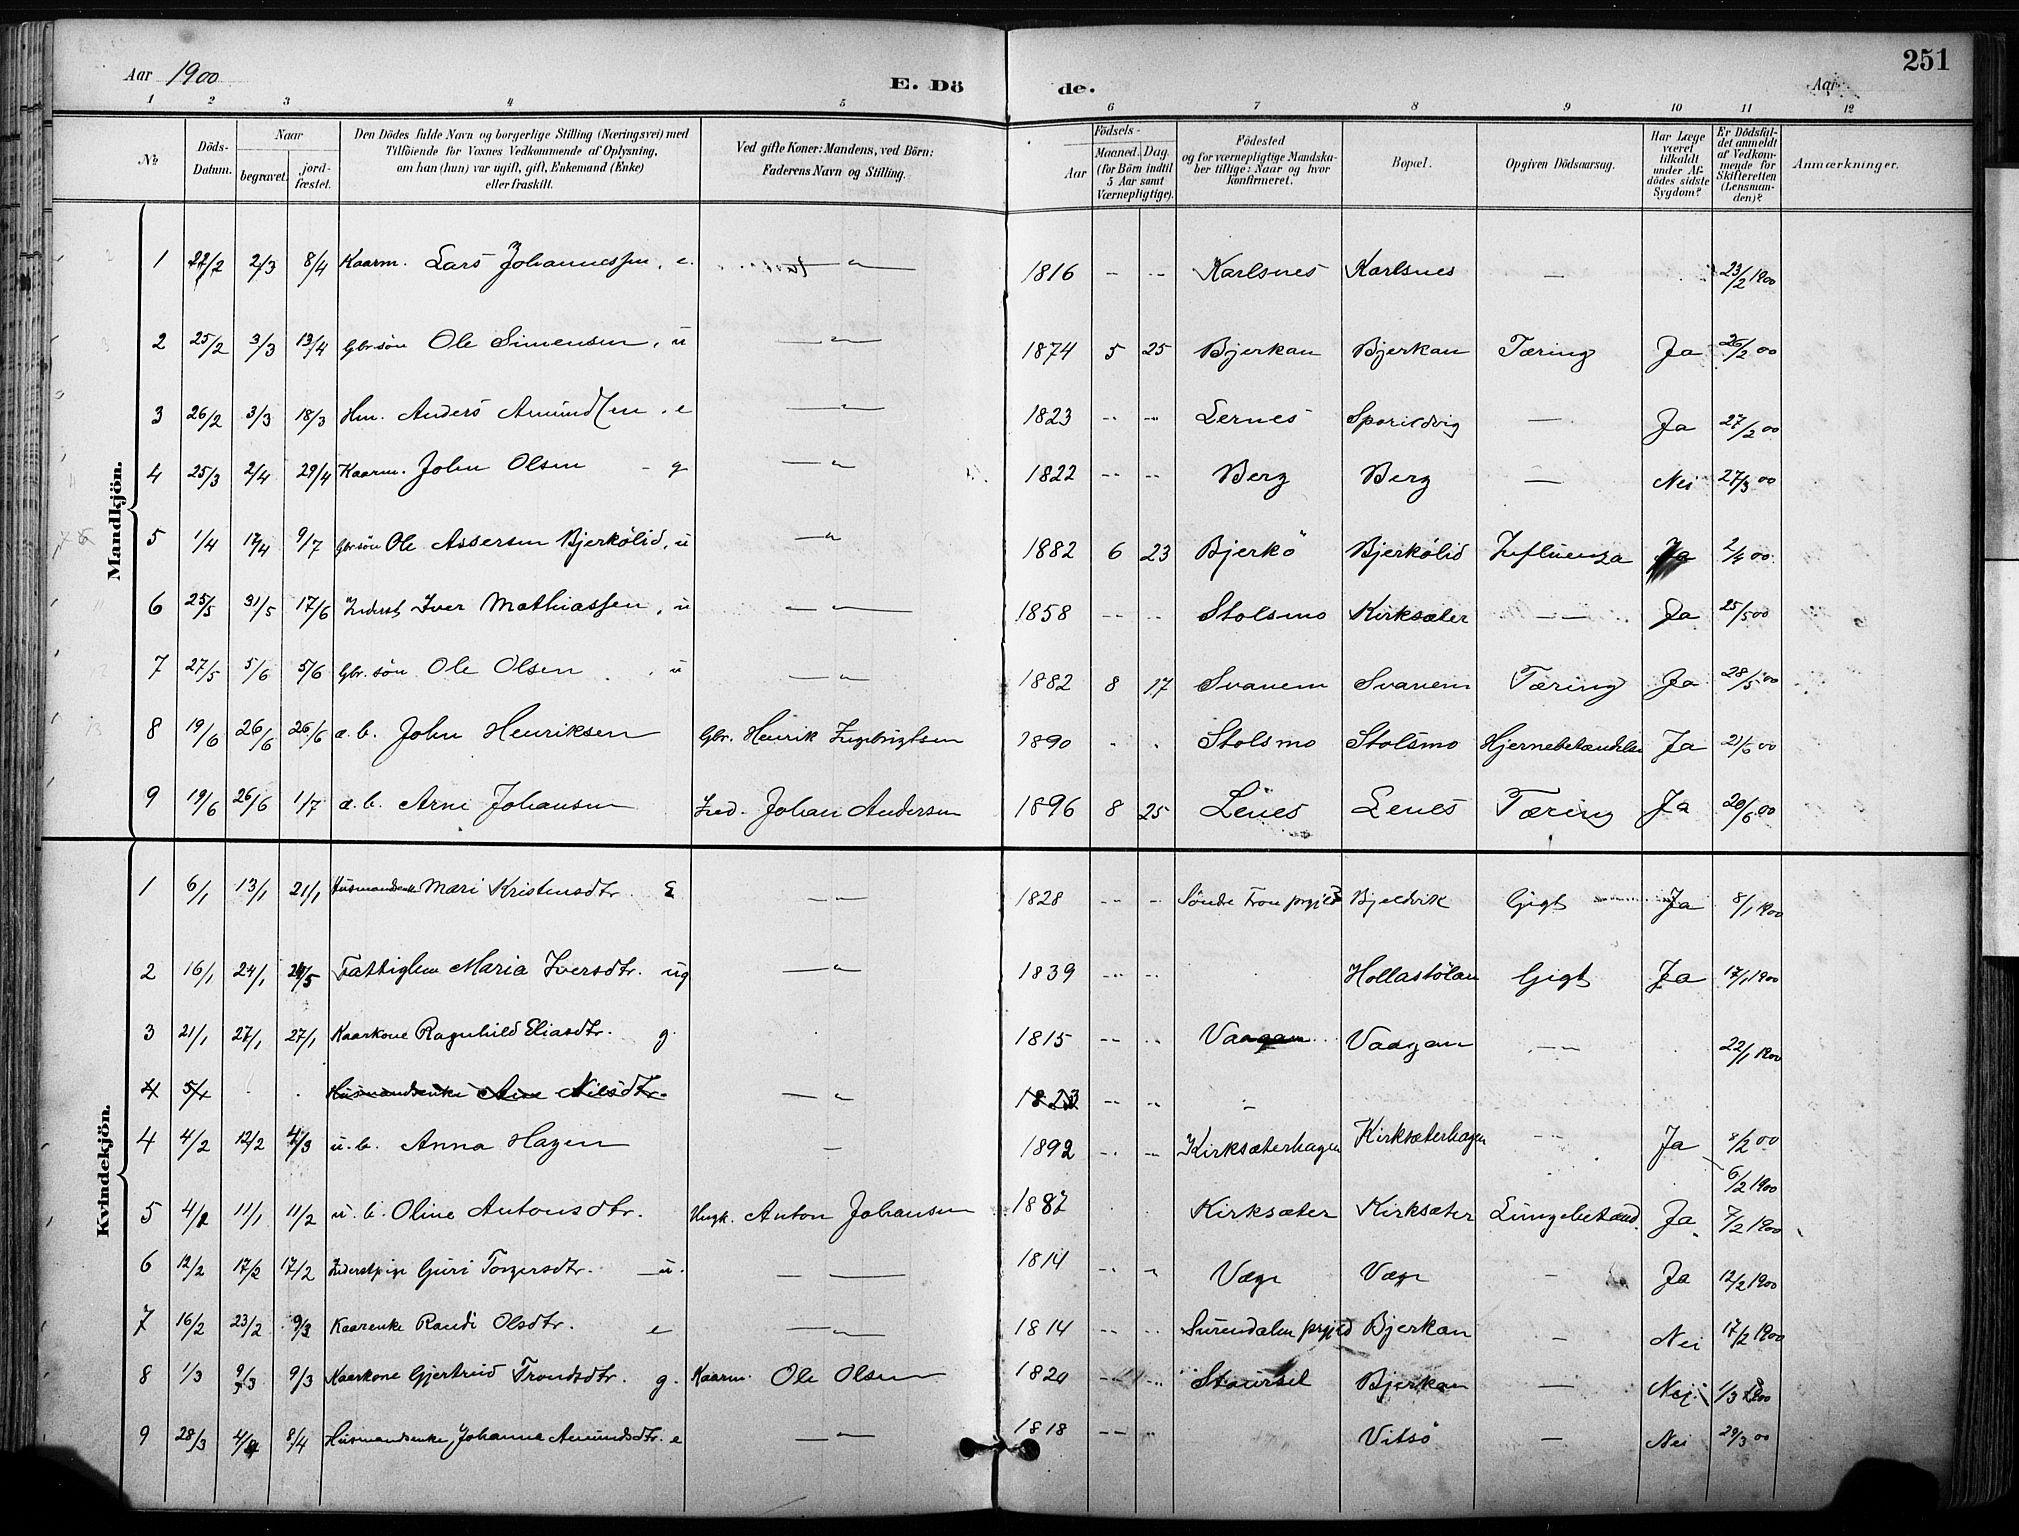 SAT, Ministerialprotokoller, klokkerbøker og fødselsregistre - Sør-Trøndelag, 630/L0497: Ministerialbok nr. 630A10, 1896-1910, s. 251